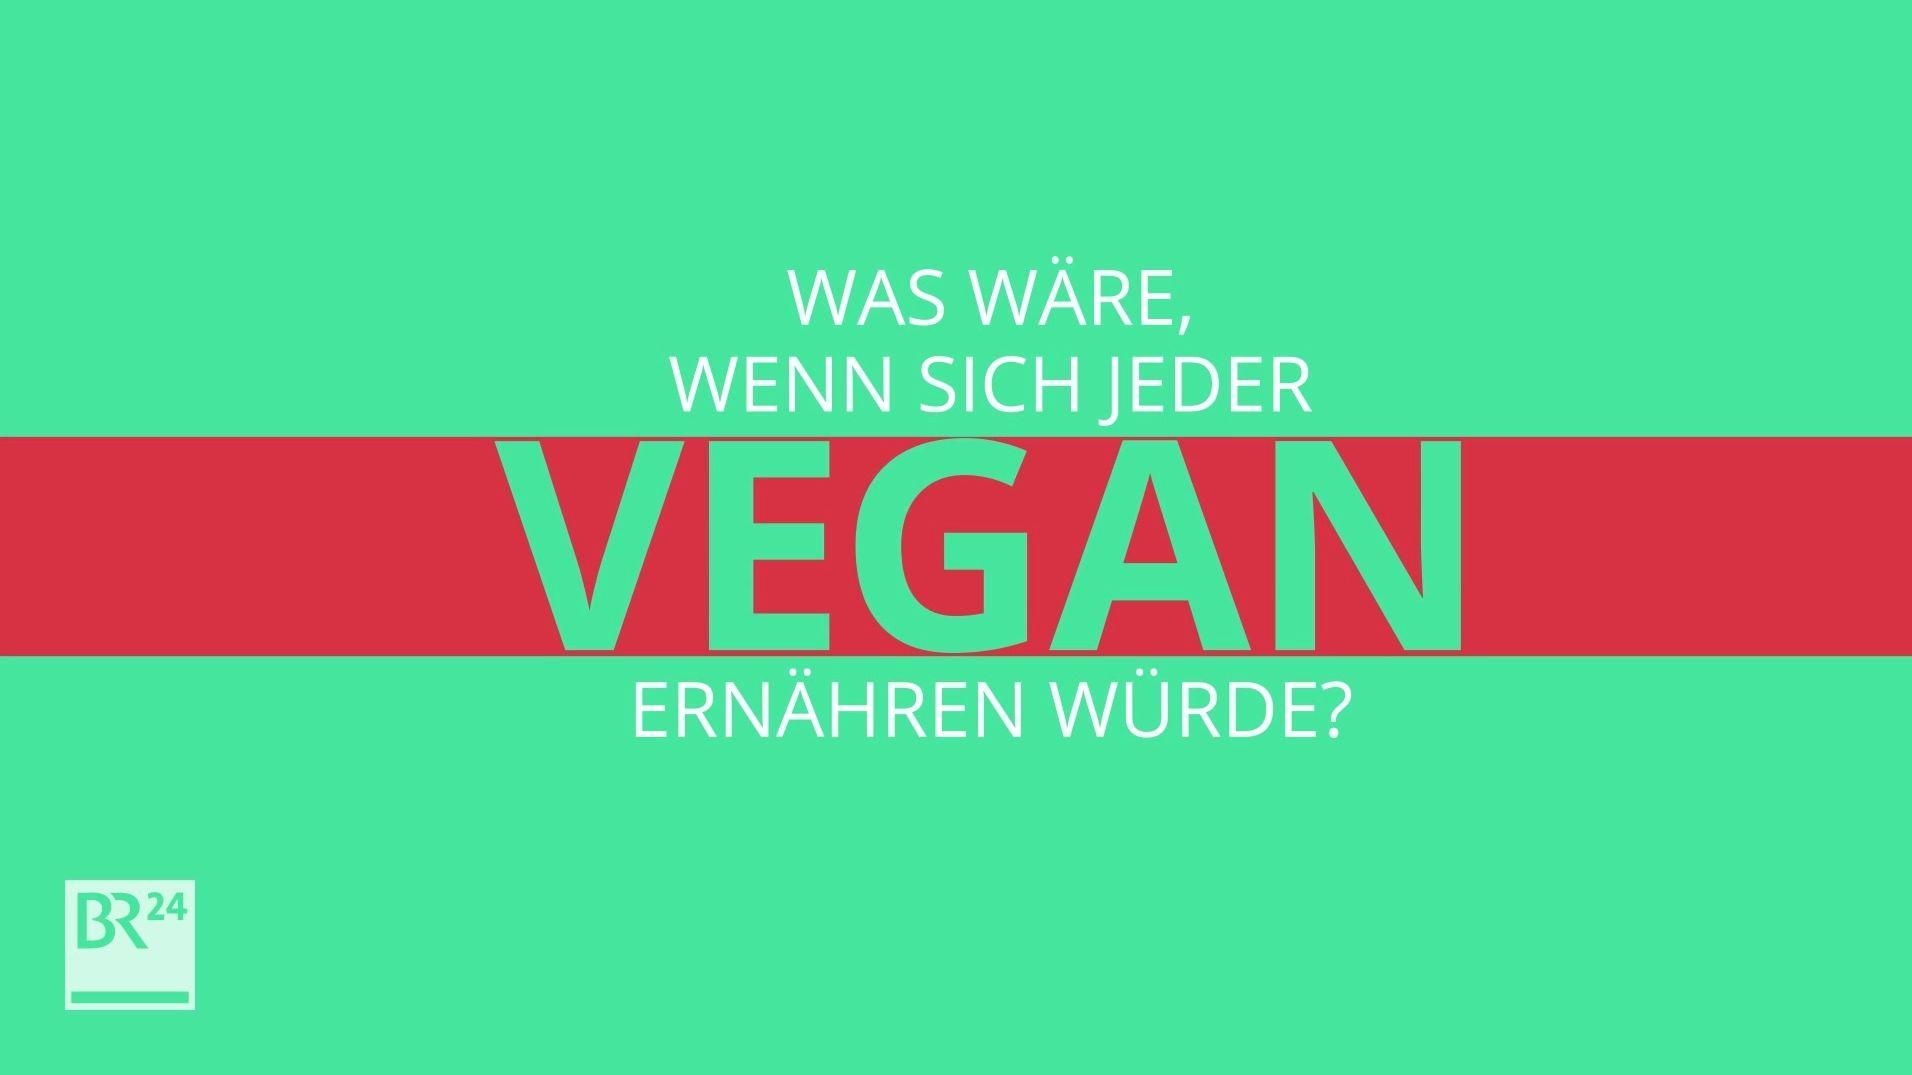 #fragBR24💡 Was wäre, wenn sich jeder vegan ernähren würde?